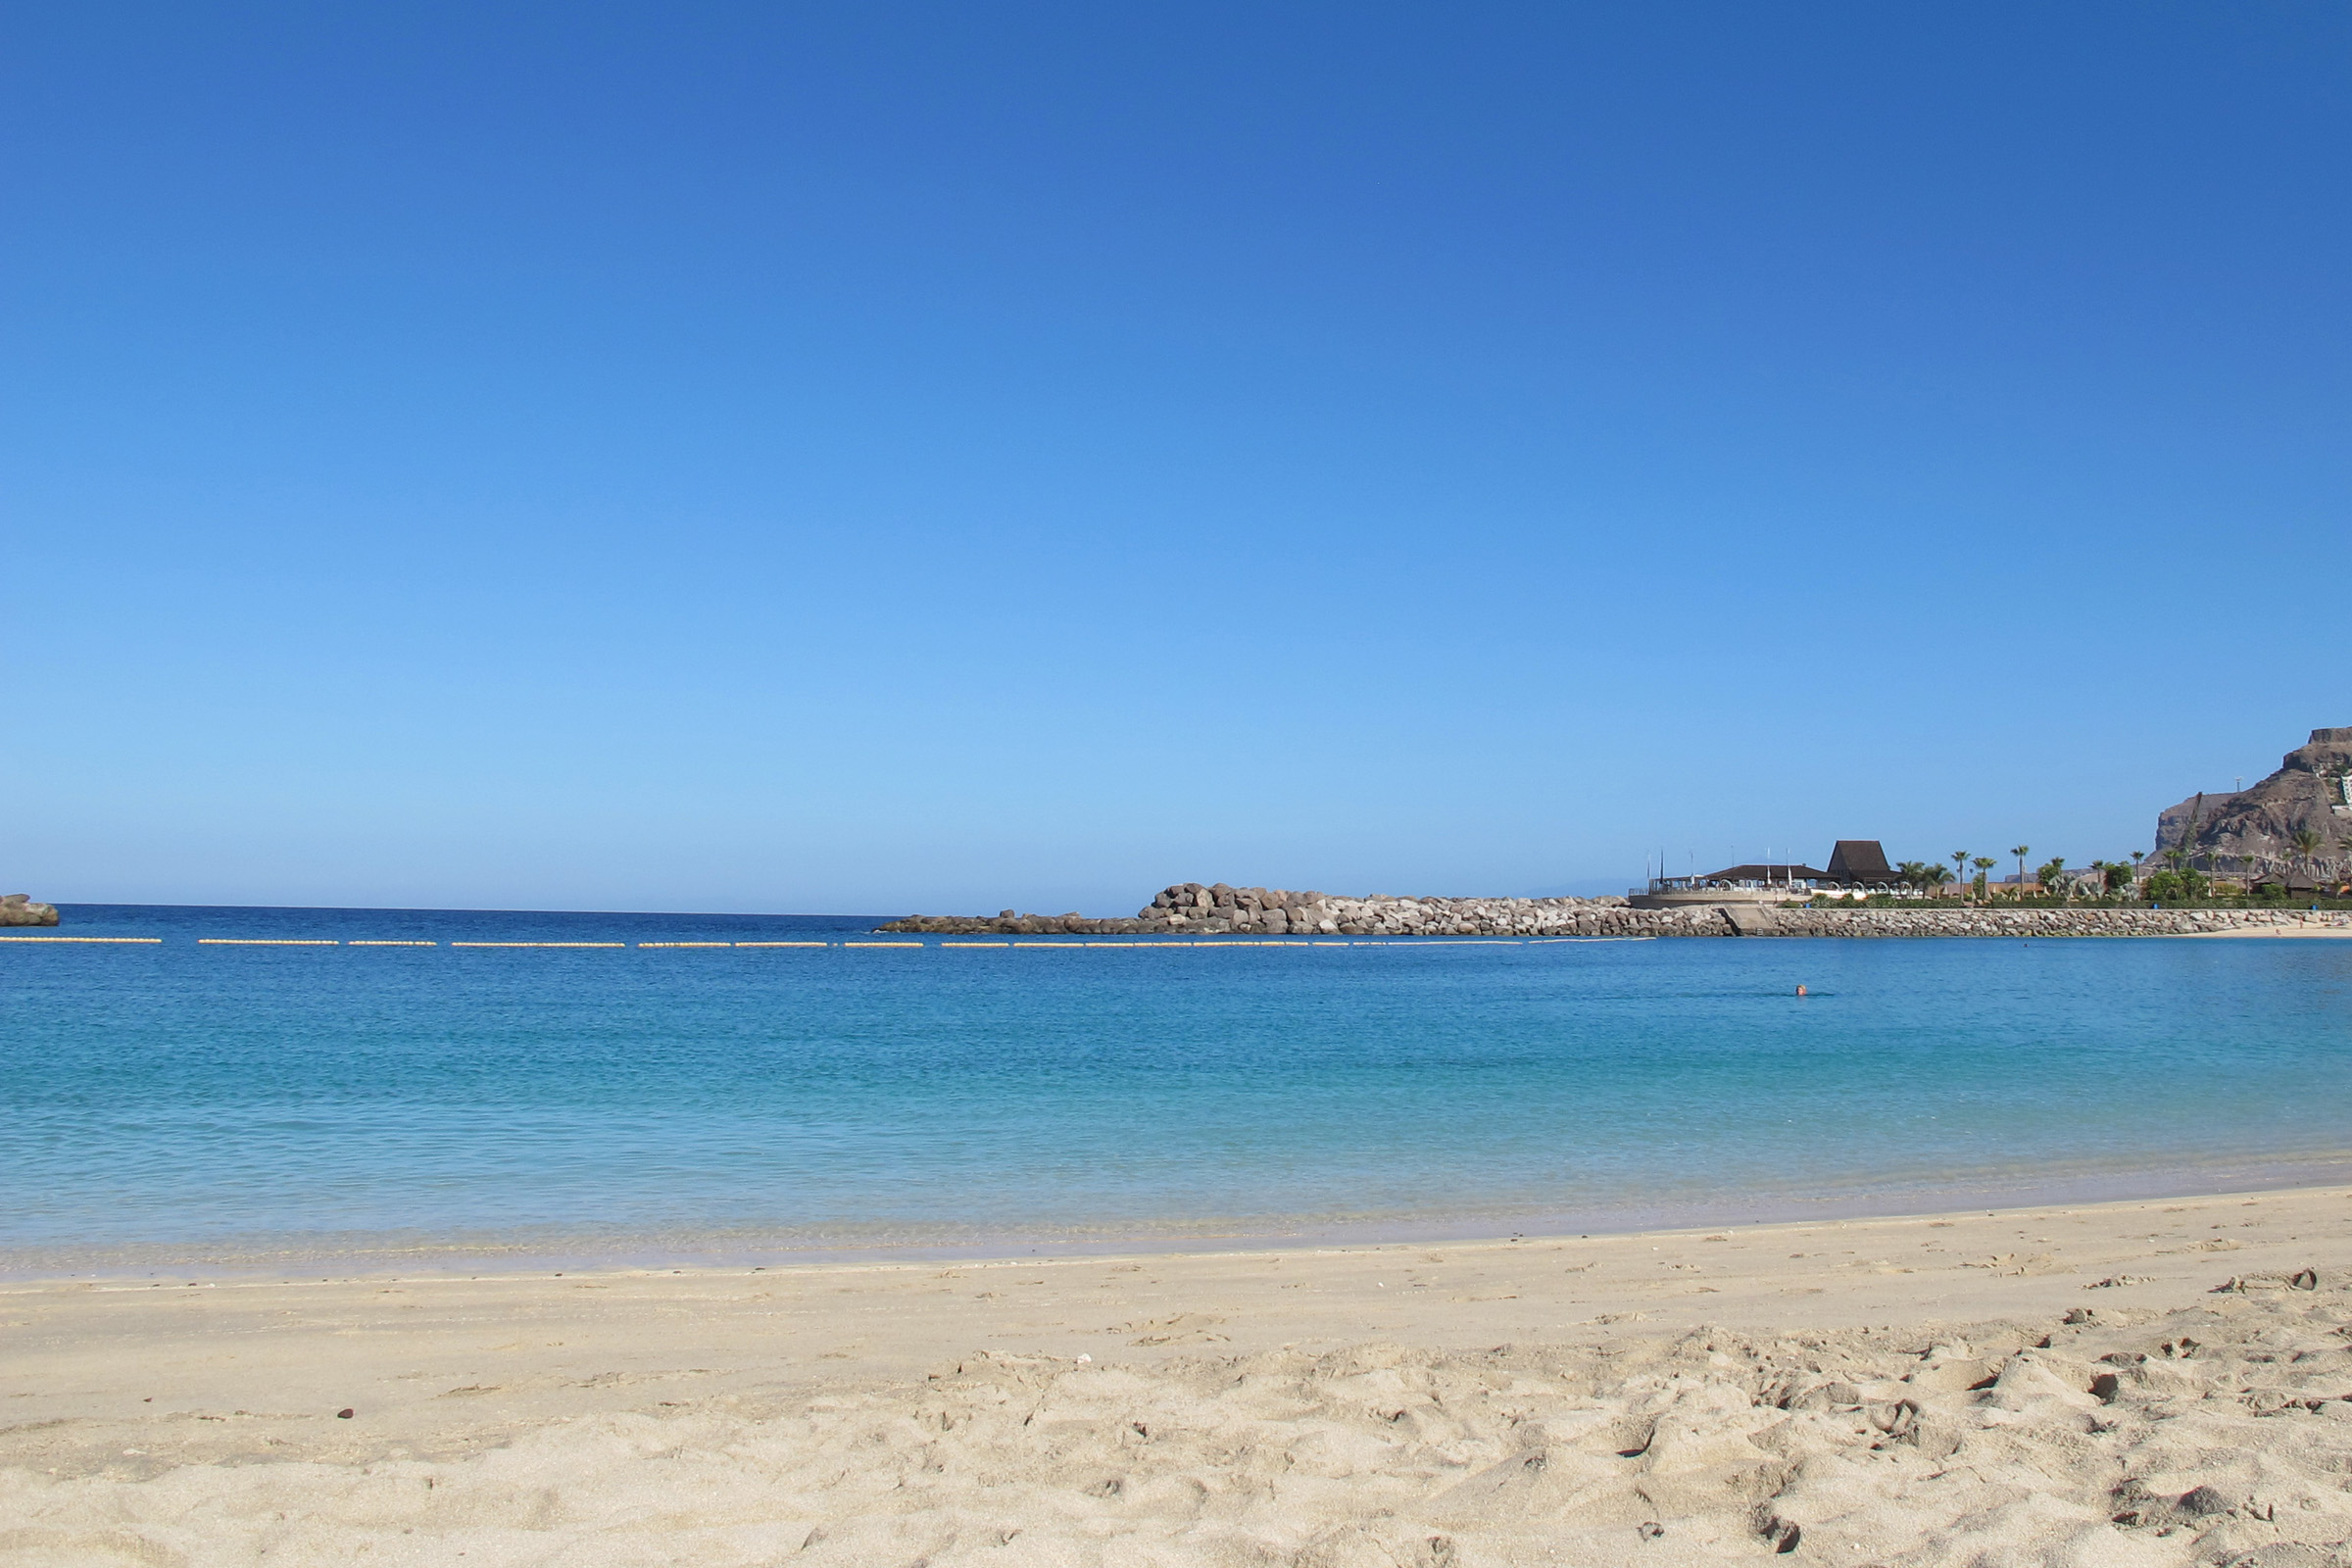 Playa Amadores Holiday Apartments Holiday Club Resorts